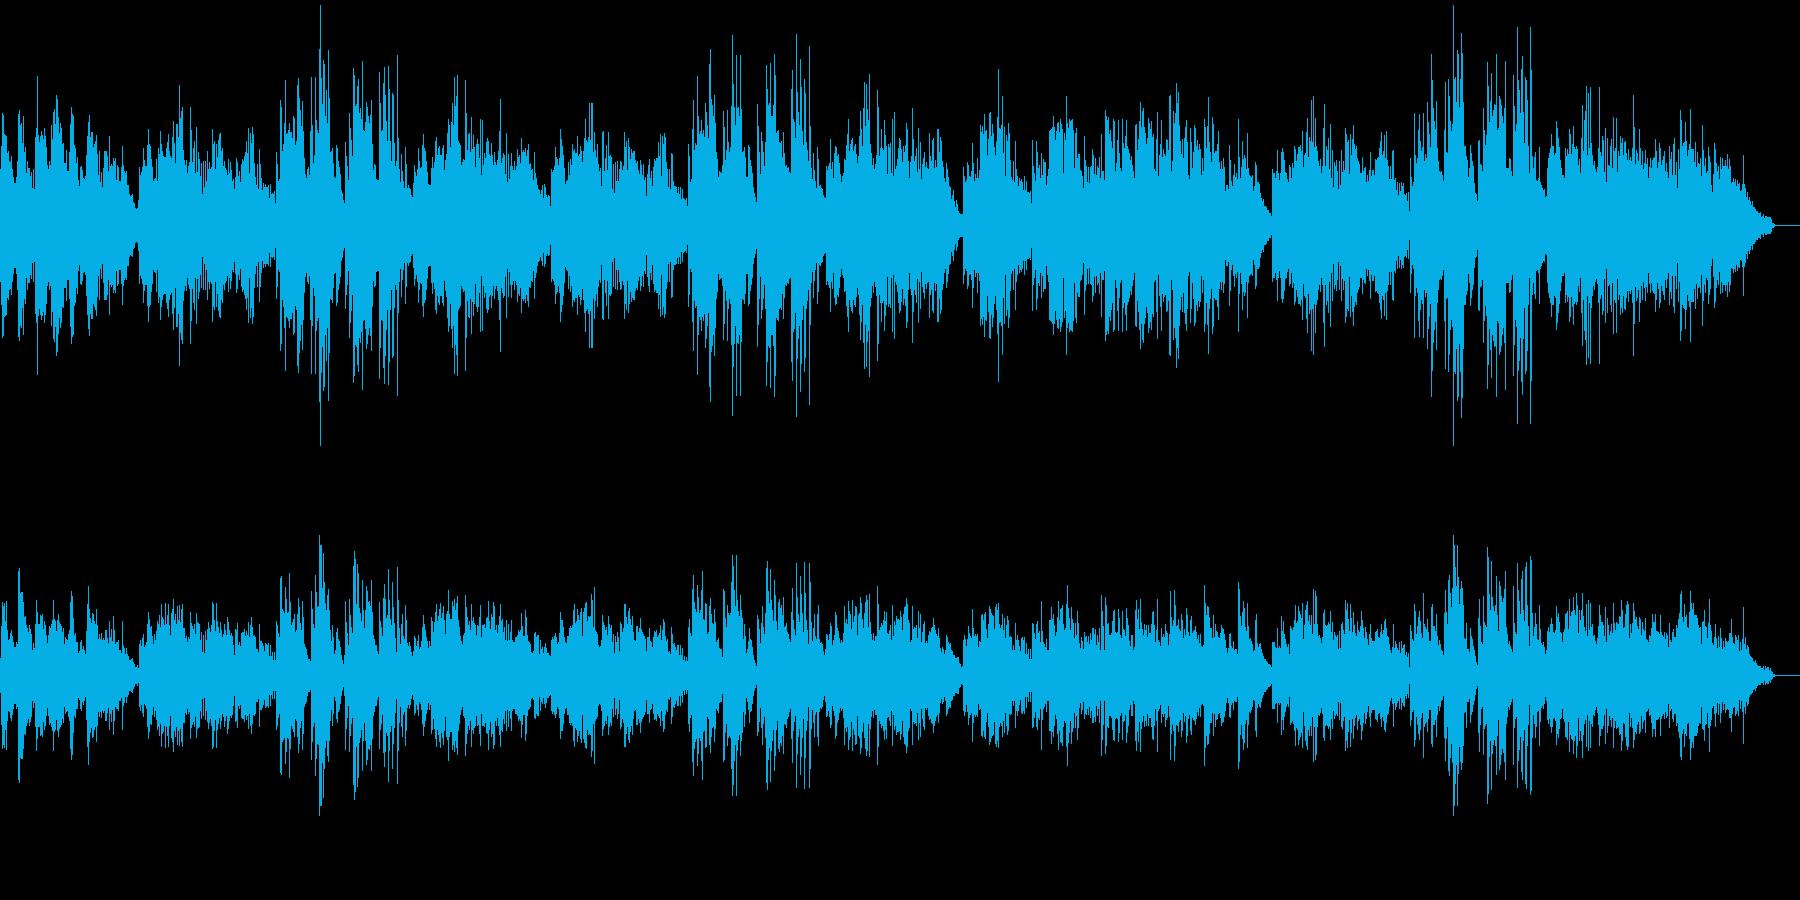 和風!琴の音の滝廉太郎の「お正月」の再生済みの波形